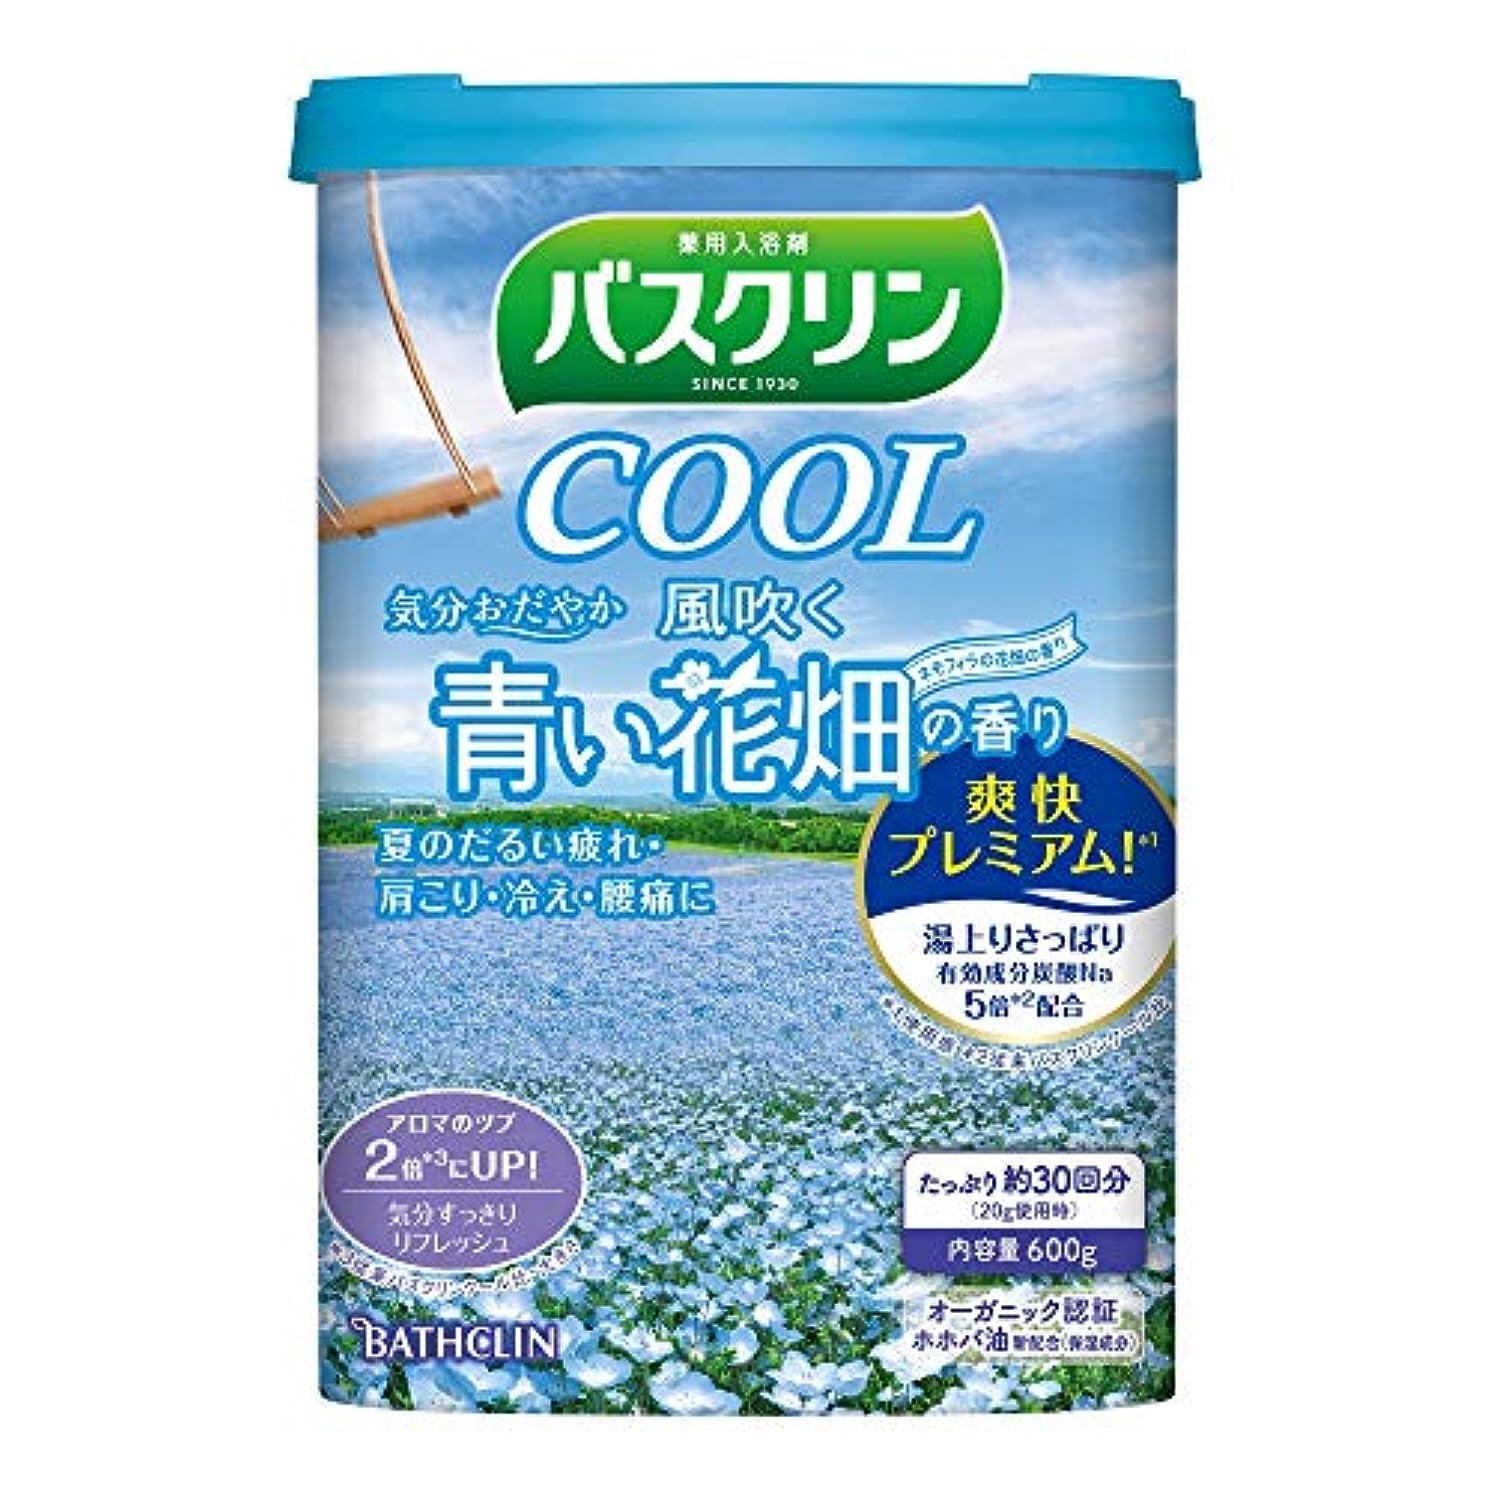 兵器庫厚さ難しい【医薬部外品】バスクリンクール入浴剤 風吹く青い花畑の香り600g クール入浴剤 すっきりさわやか